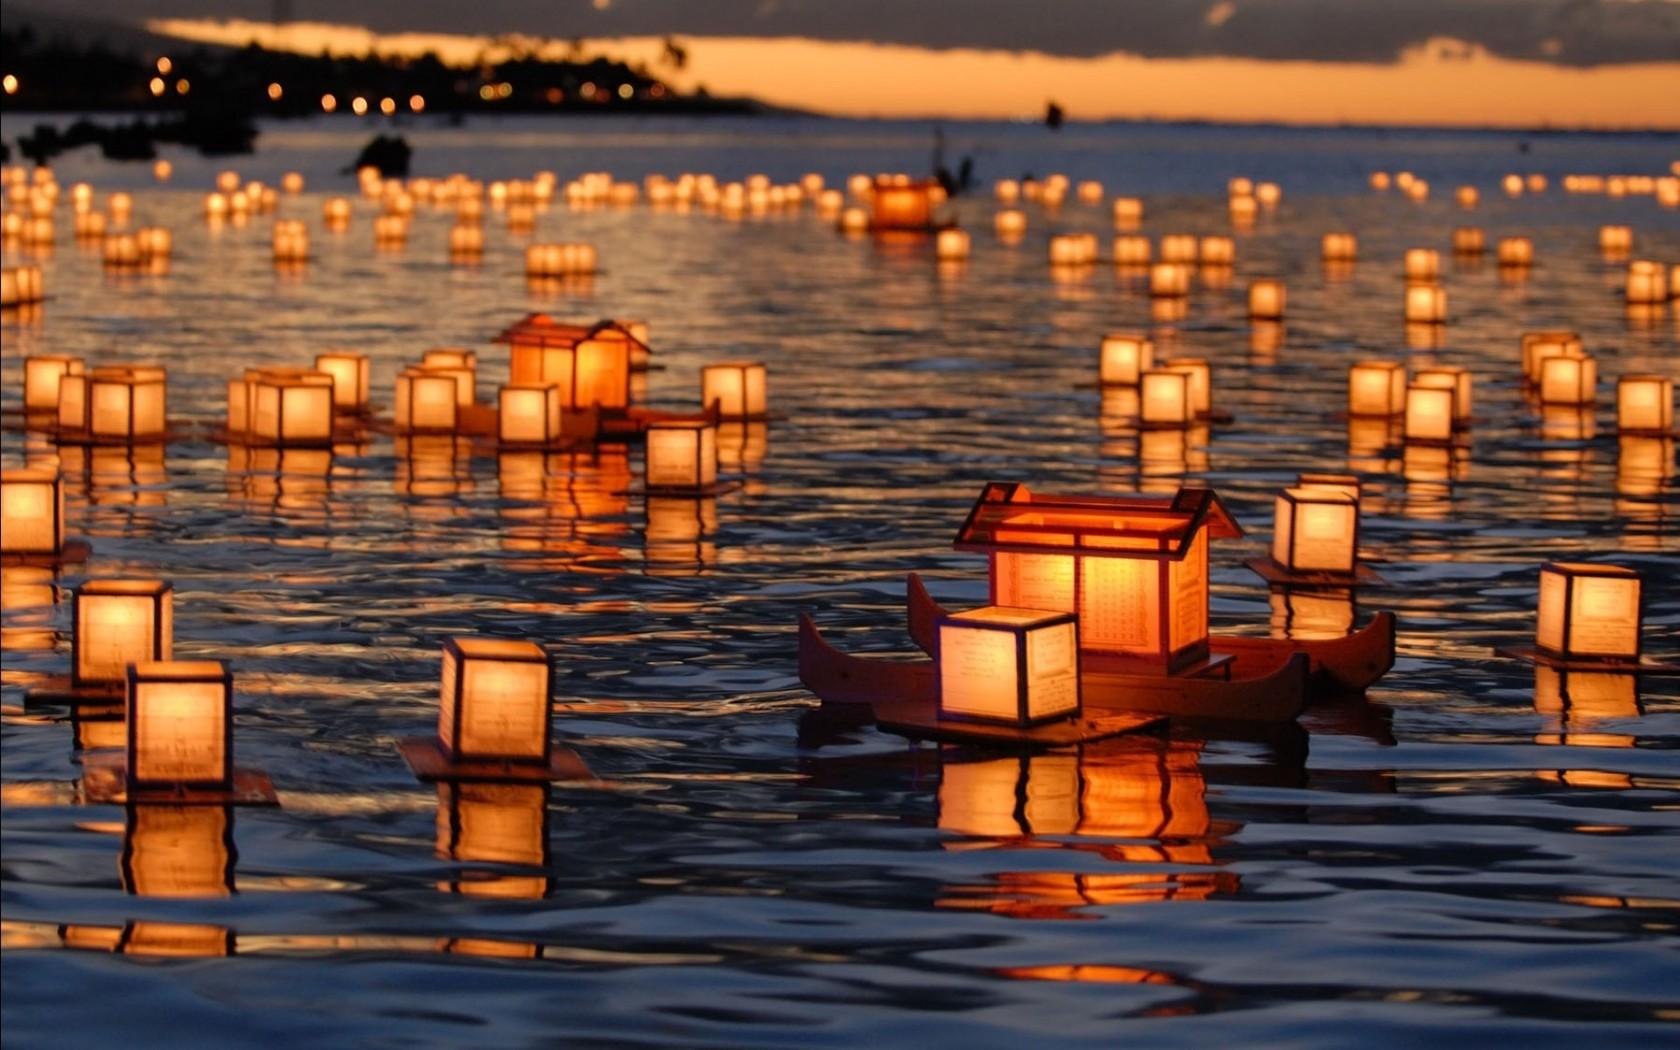 Floating lanterns wallpaper 6310 1680x1050